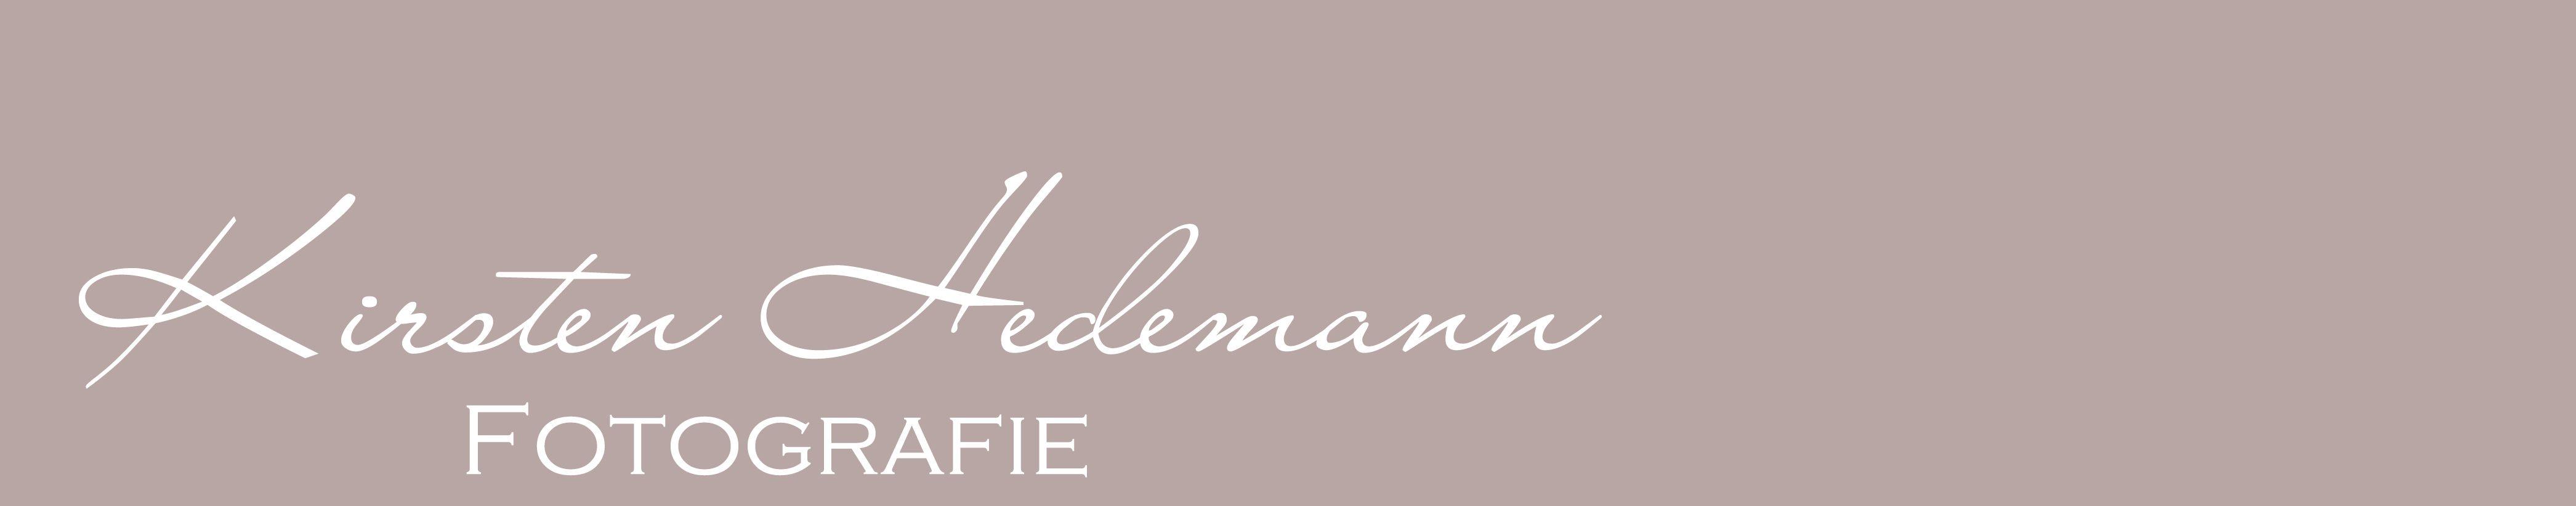 Natürliche Neugeborenefotos in Nordenham, Babyfotografin Nordenham, Babyfotos Bremerhaven, Babyfotos Brake, Babyfotos Oldenburg, Neugeborenenfotos Nordenham, Babyfotos Nordenham